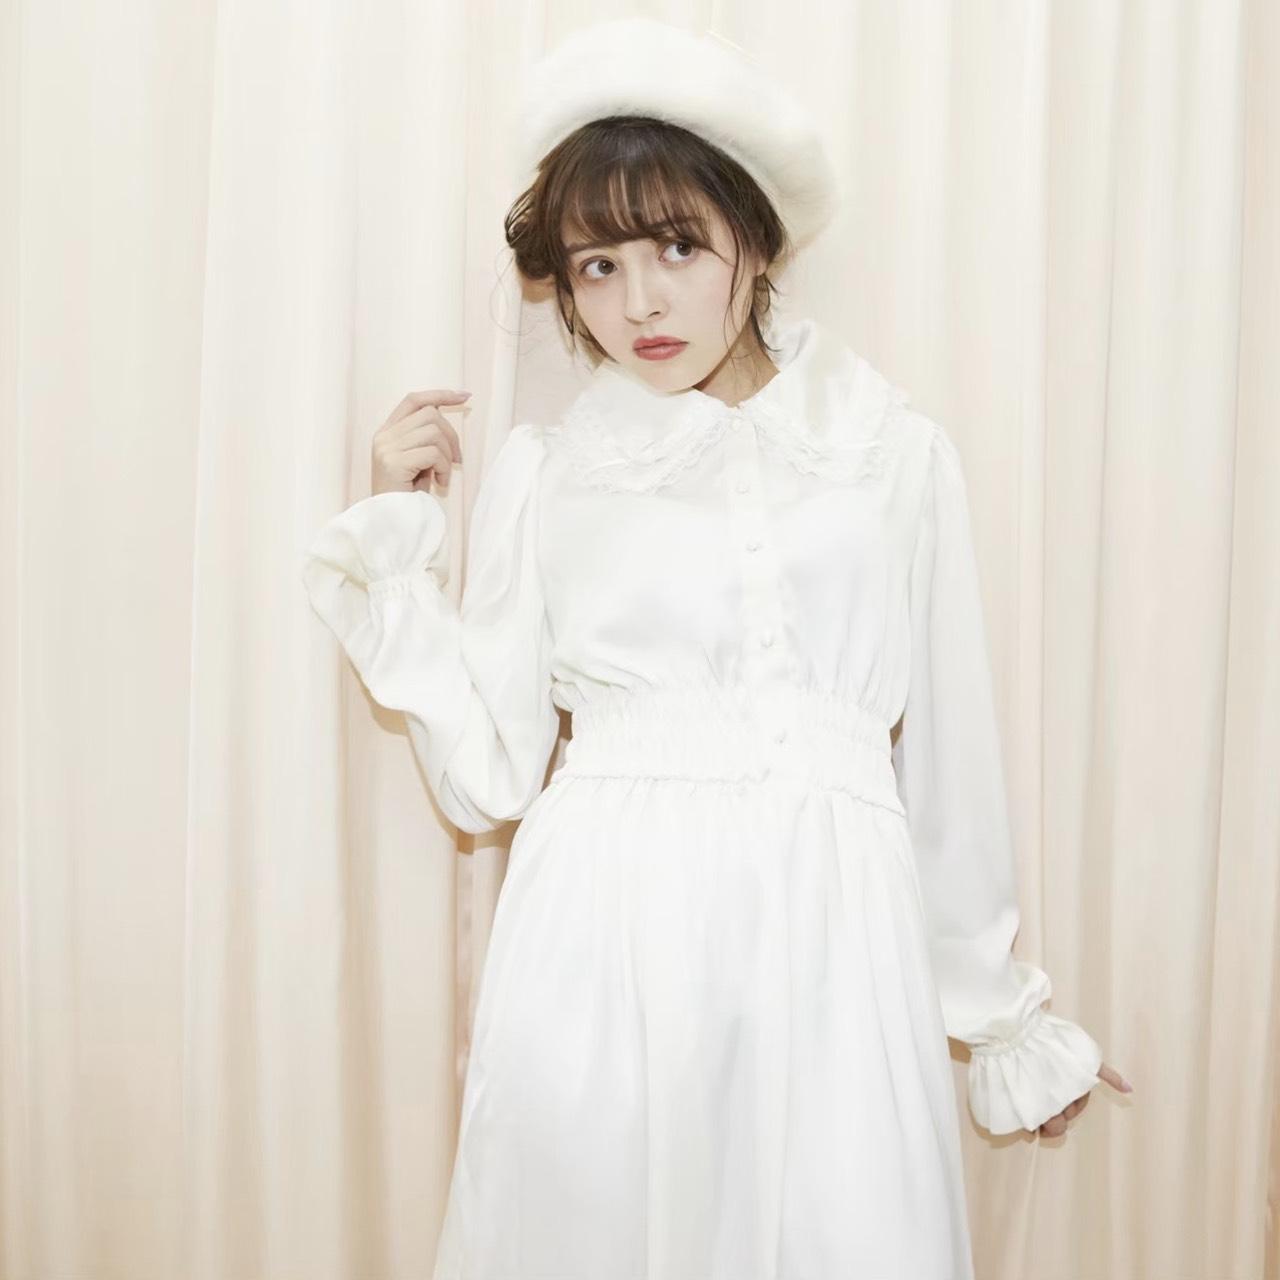 画像1: white eden one-piece dress(ホワイトエデンワンピース) (1)